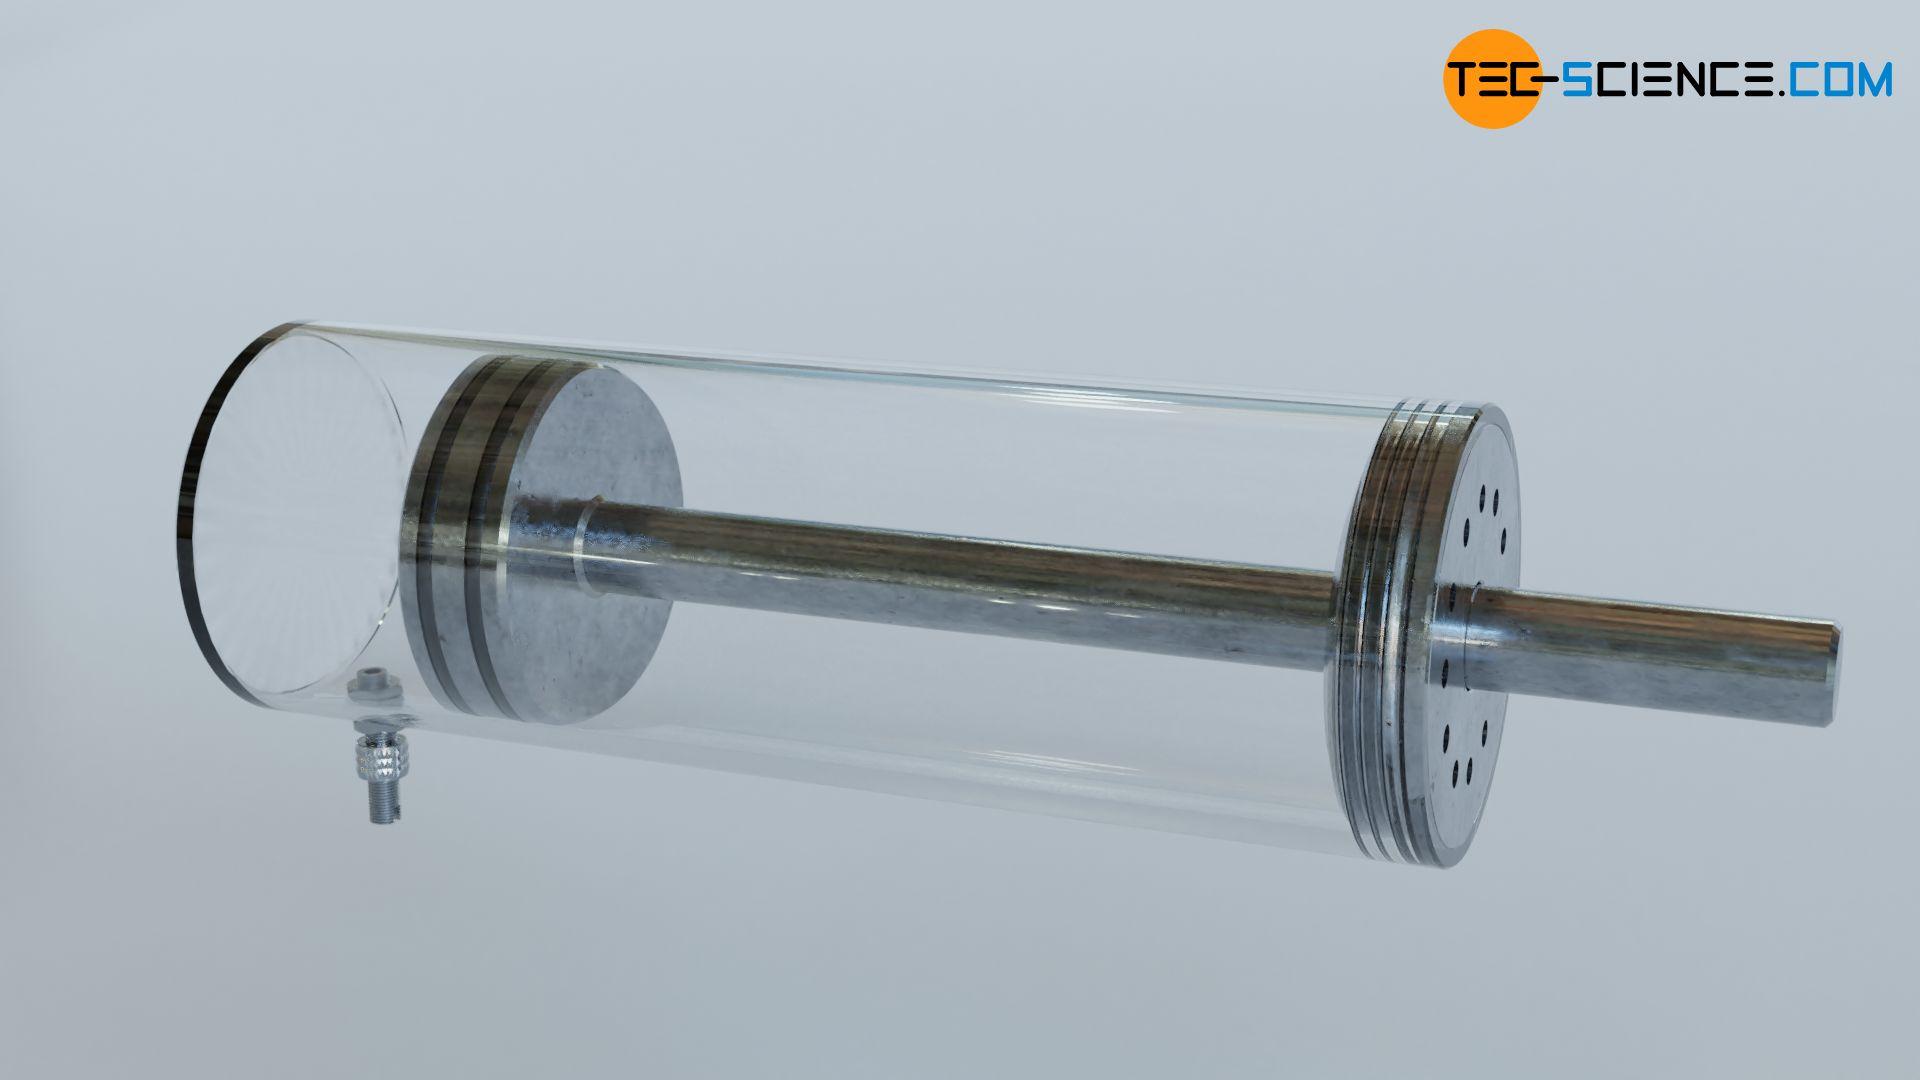 Zylinder mit einem beweglichen Kolben